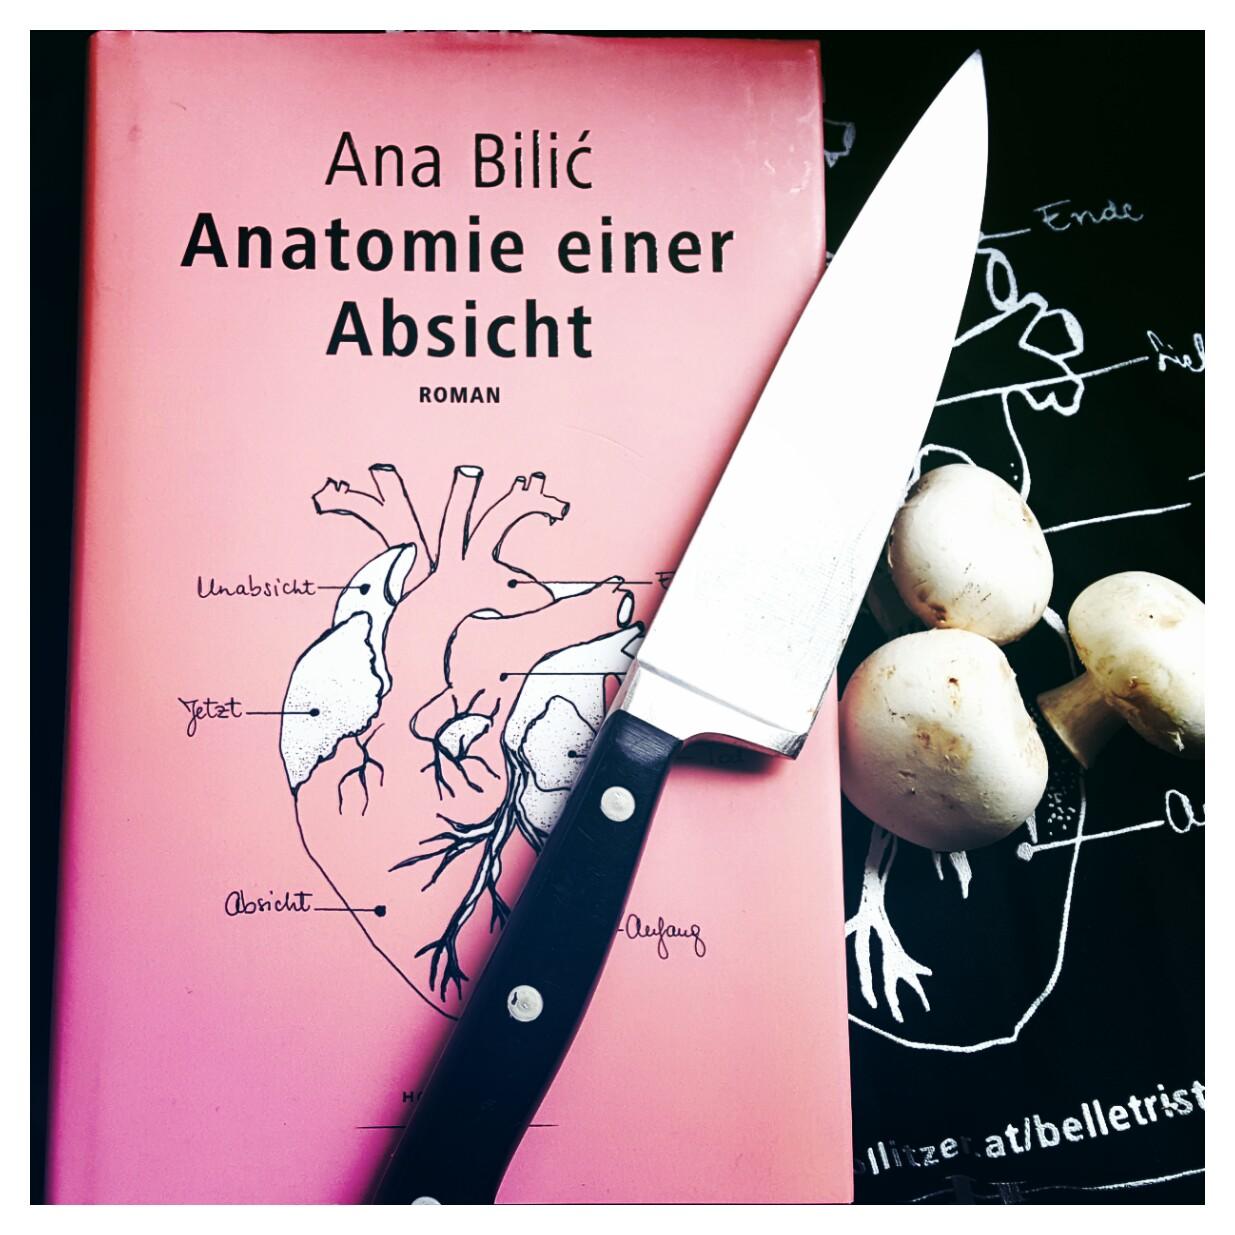 Ana Bilic – Anatomie einer Absicht